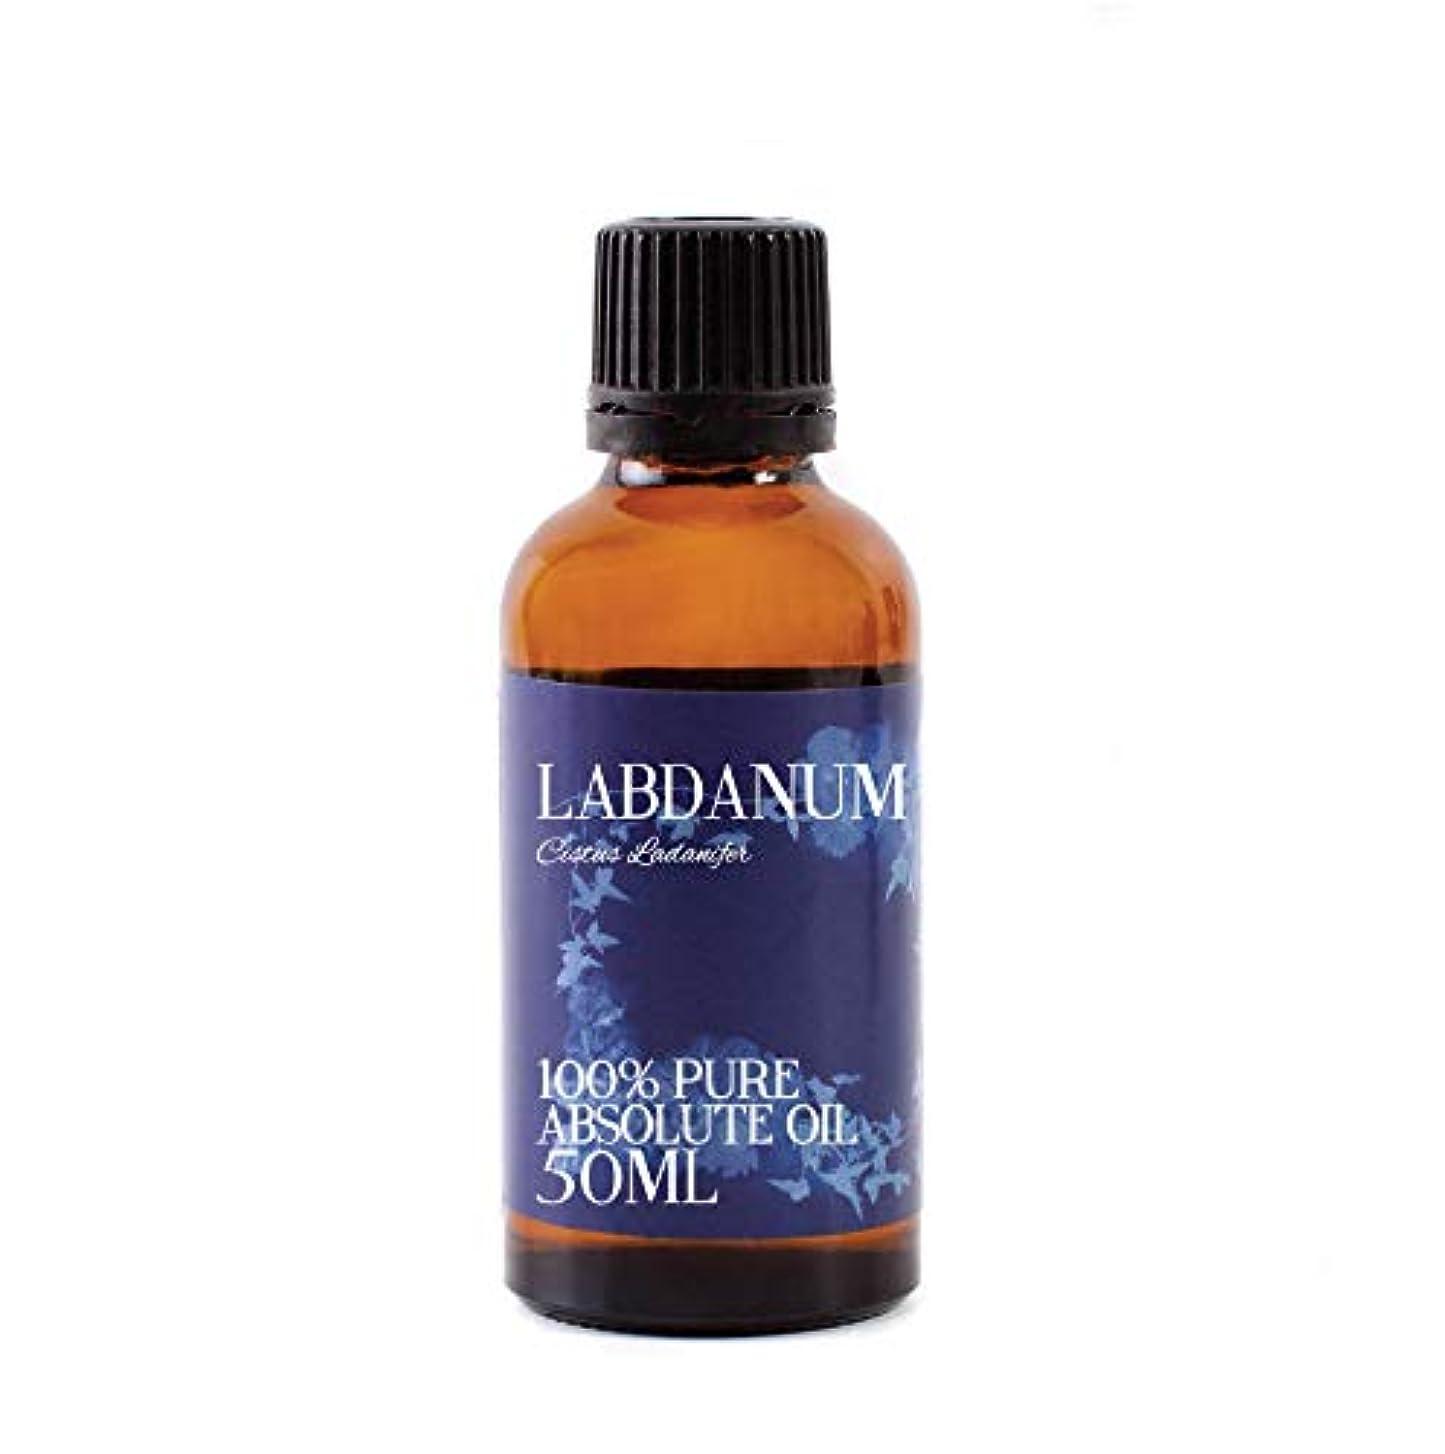 歯痛修理可能トリムLabdanum Absolute 50ml - 100% Pure